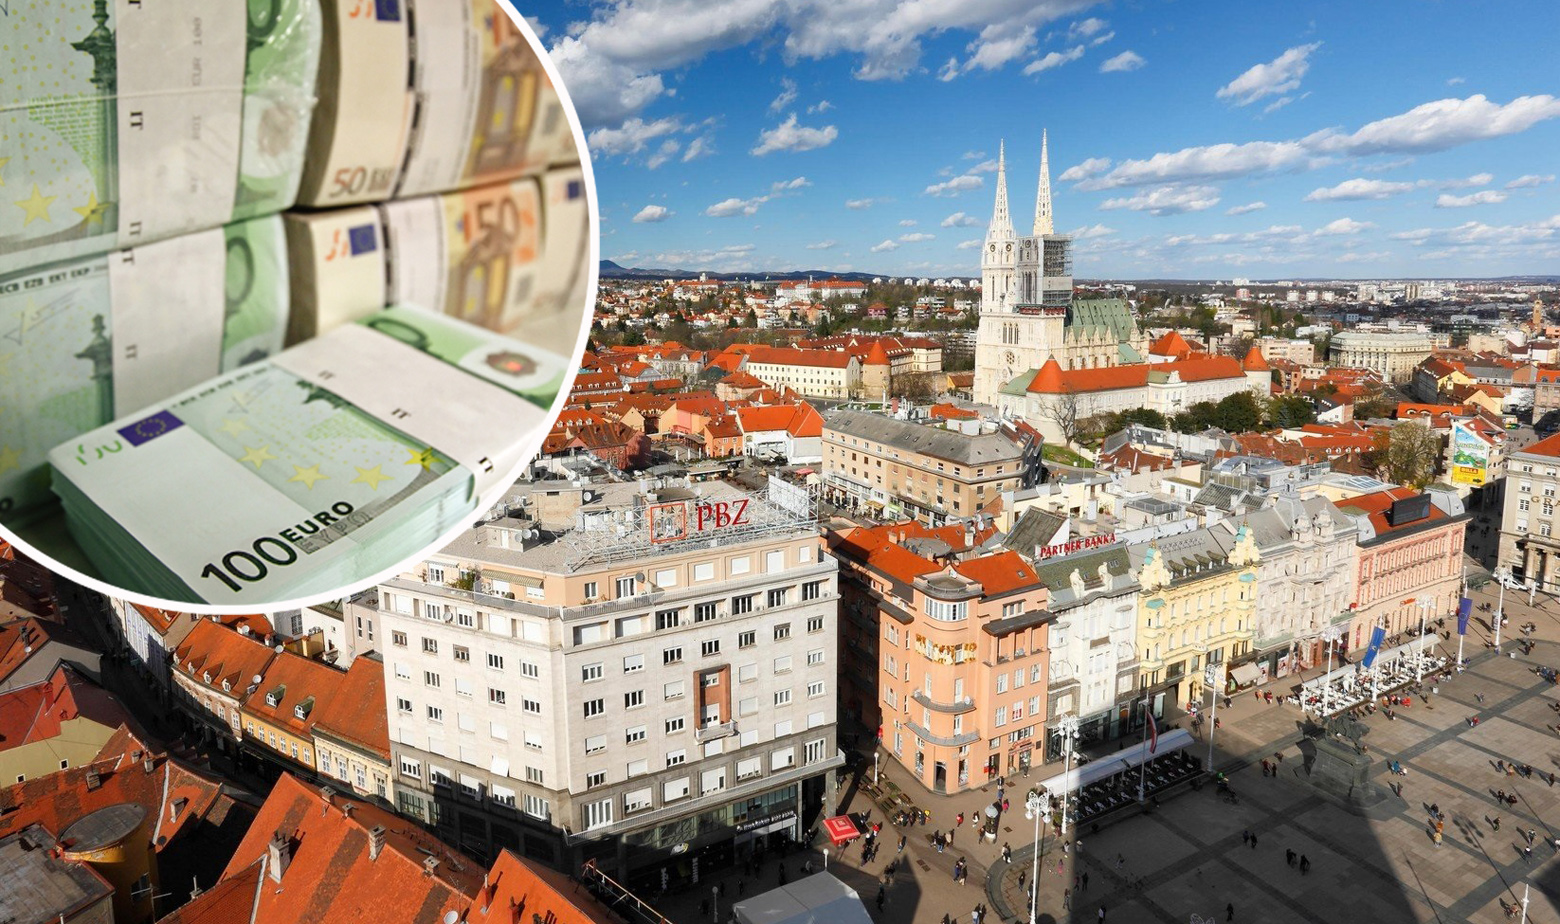 Ilustracija: panorama Zagreba i novčanice eura u krugu